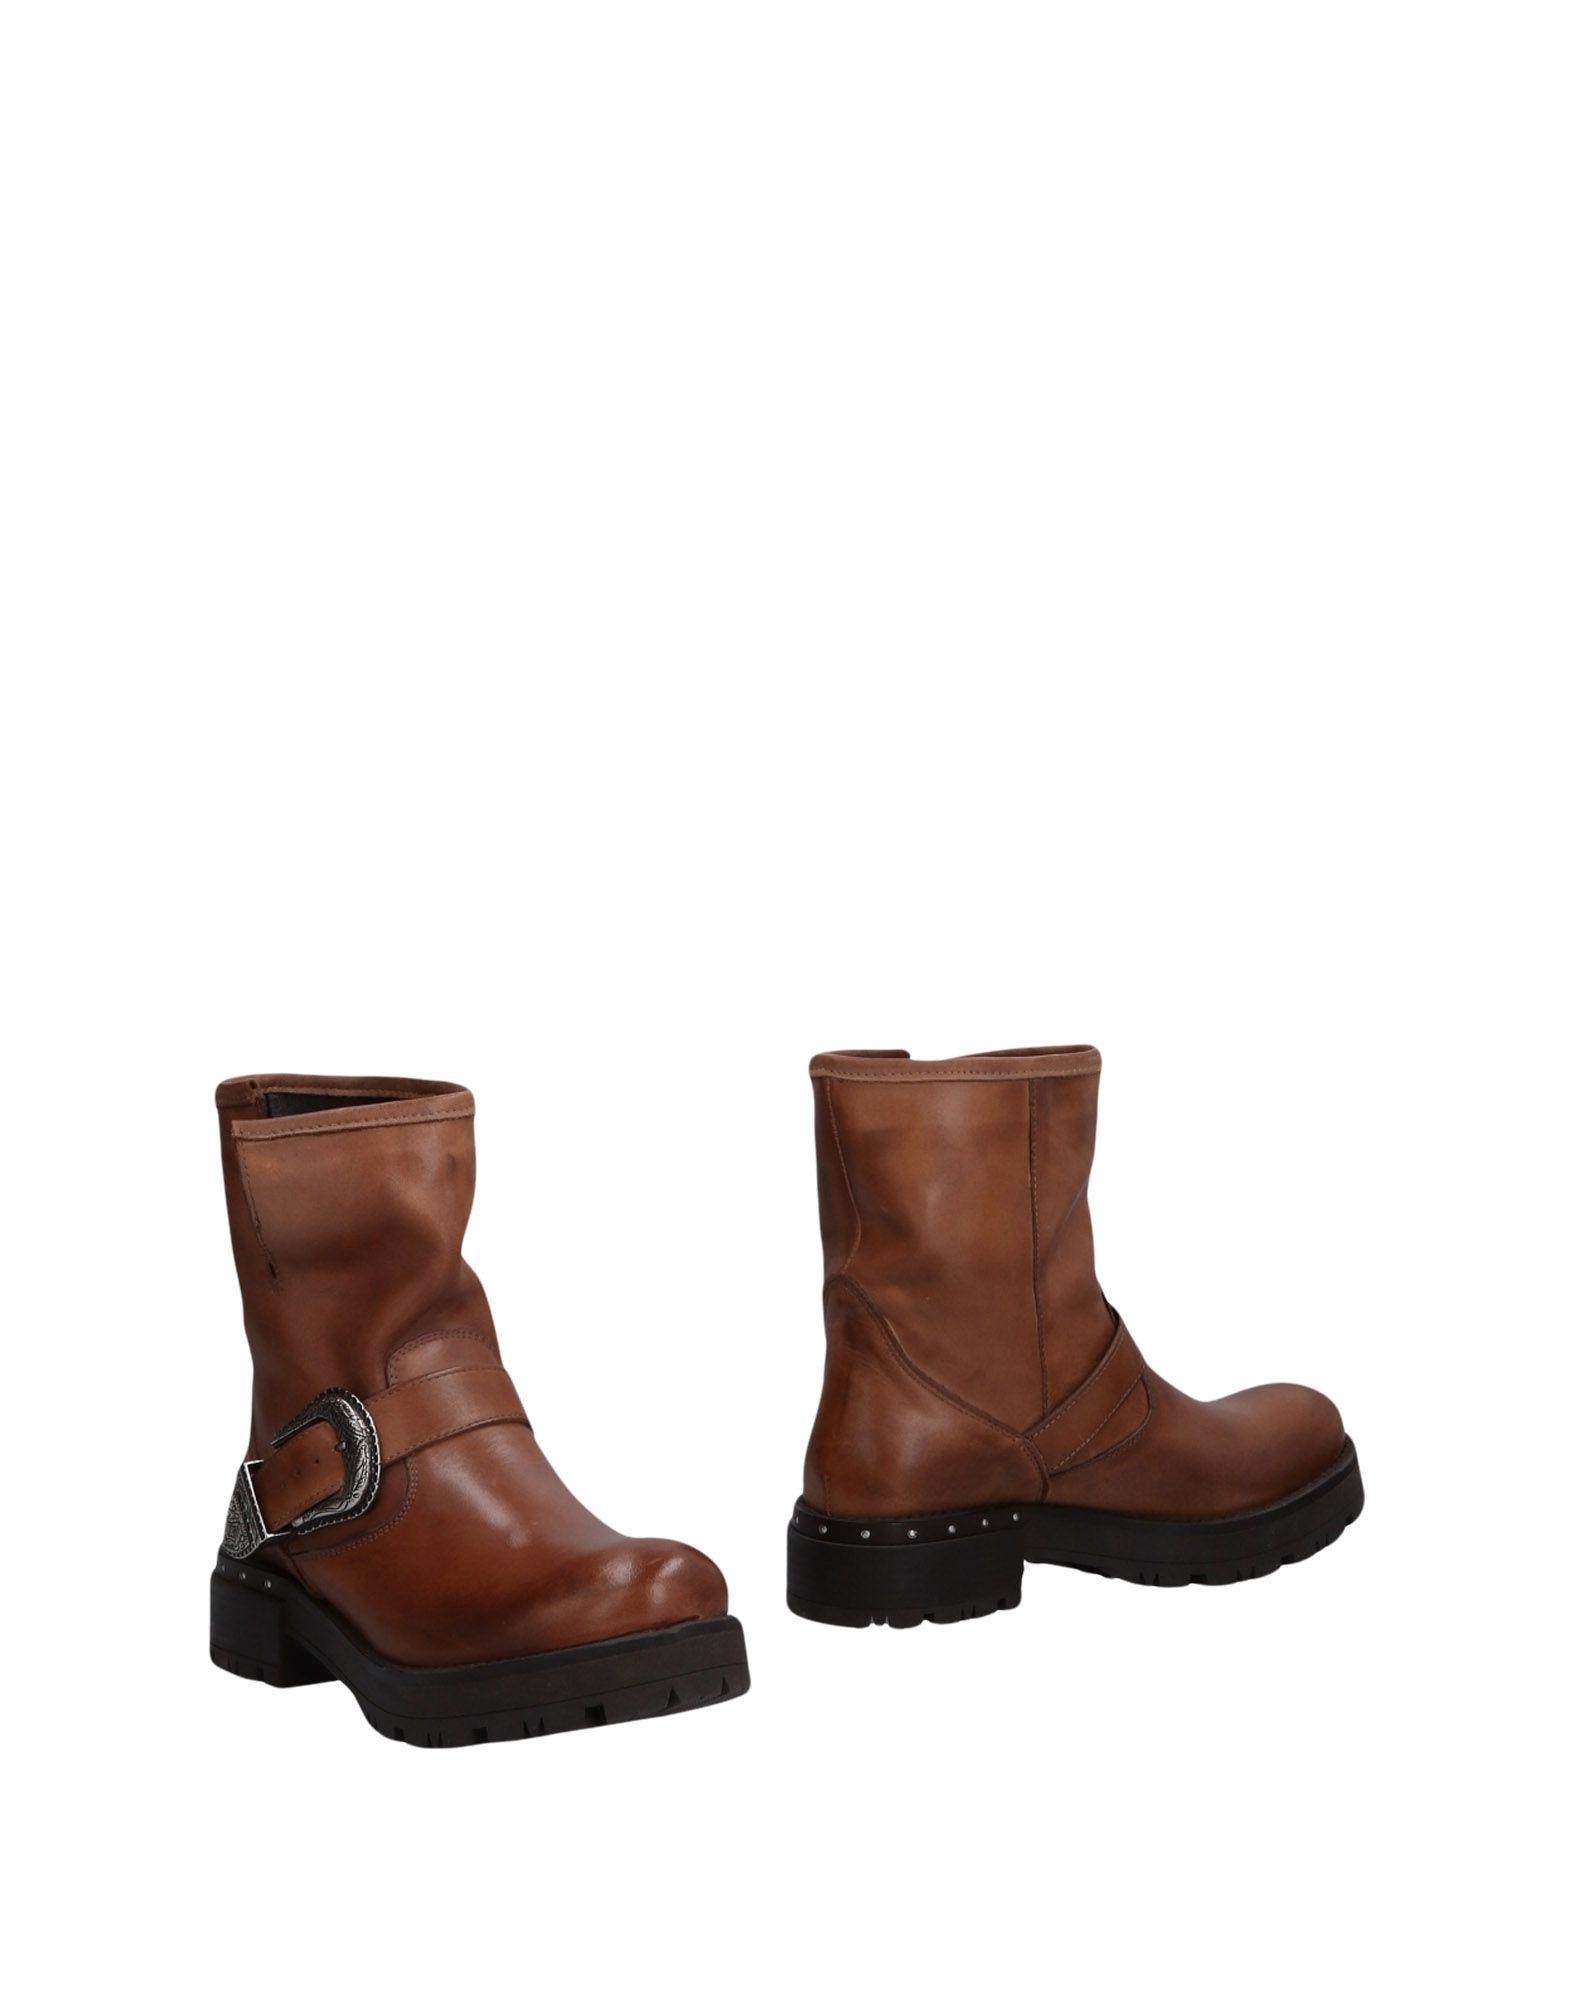 Unlace Stiefelette Damen  Schuhe 11473210QL Gute Qualität beliebte Schuhe  c51f94